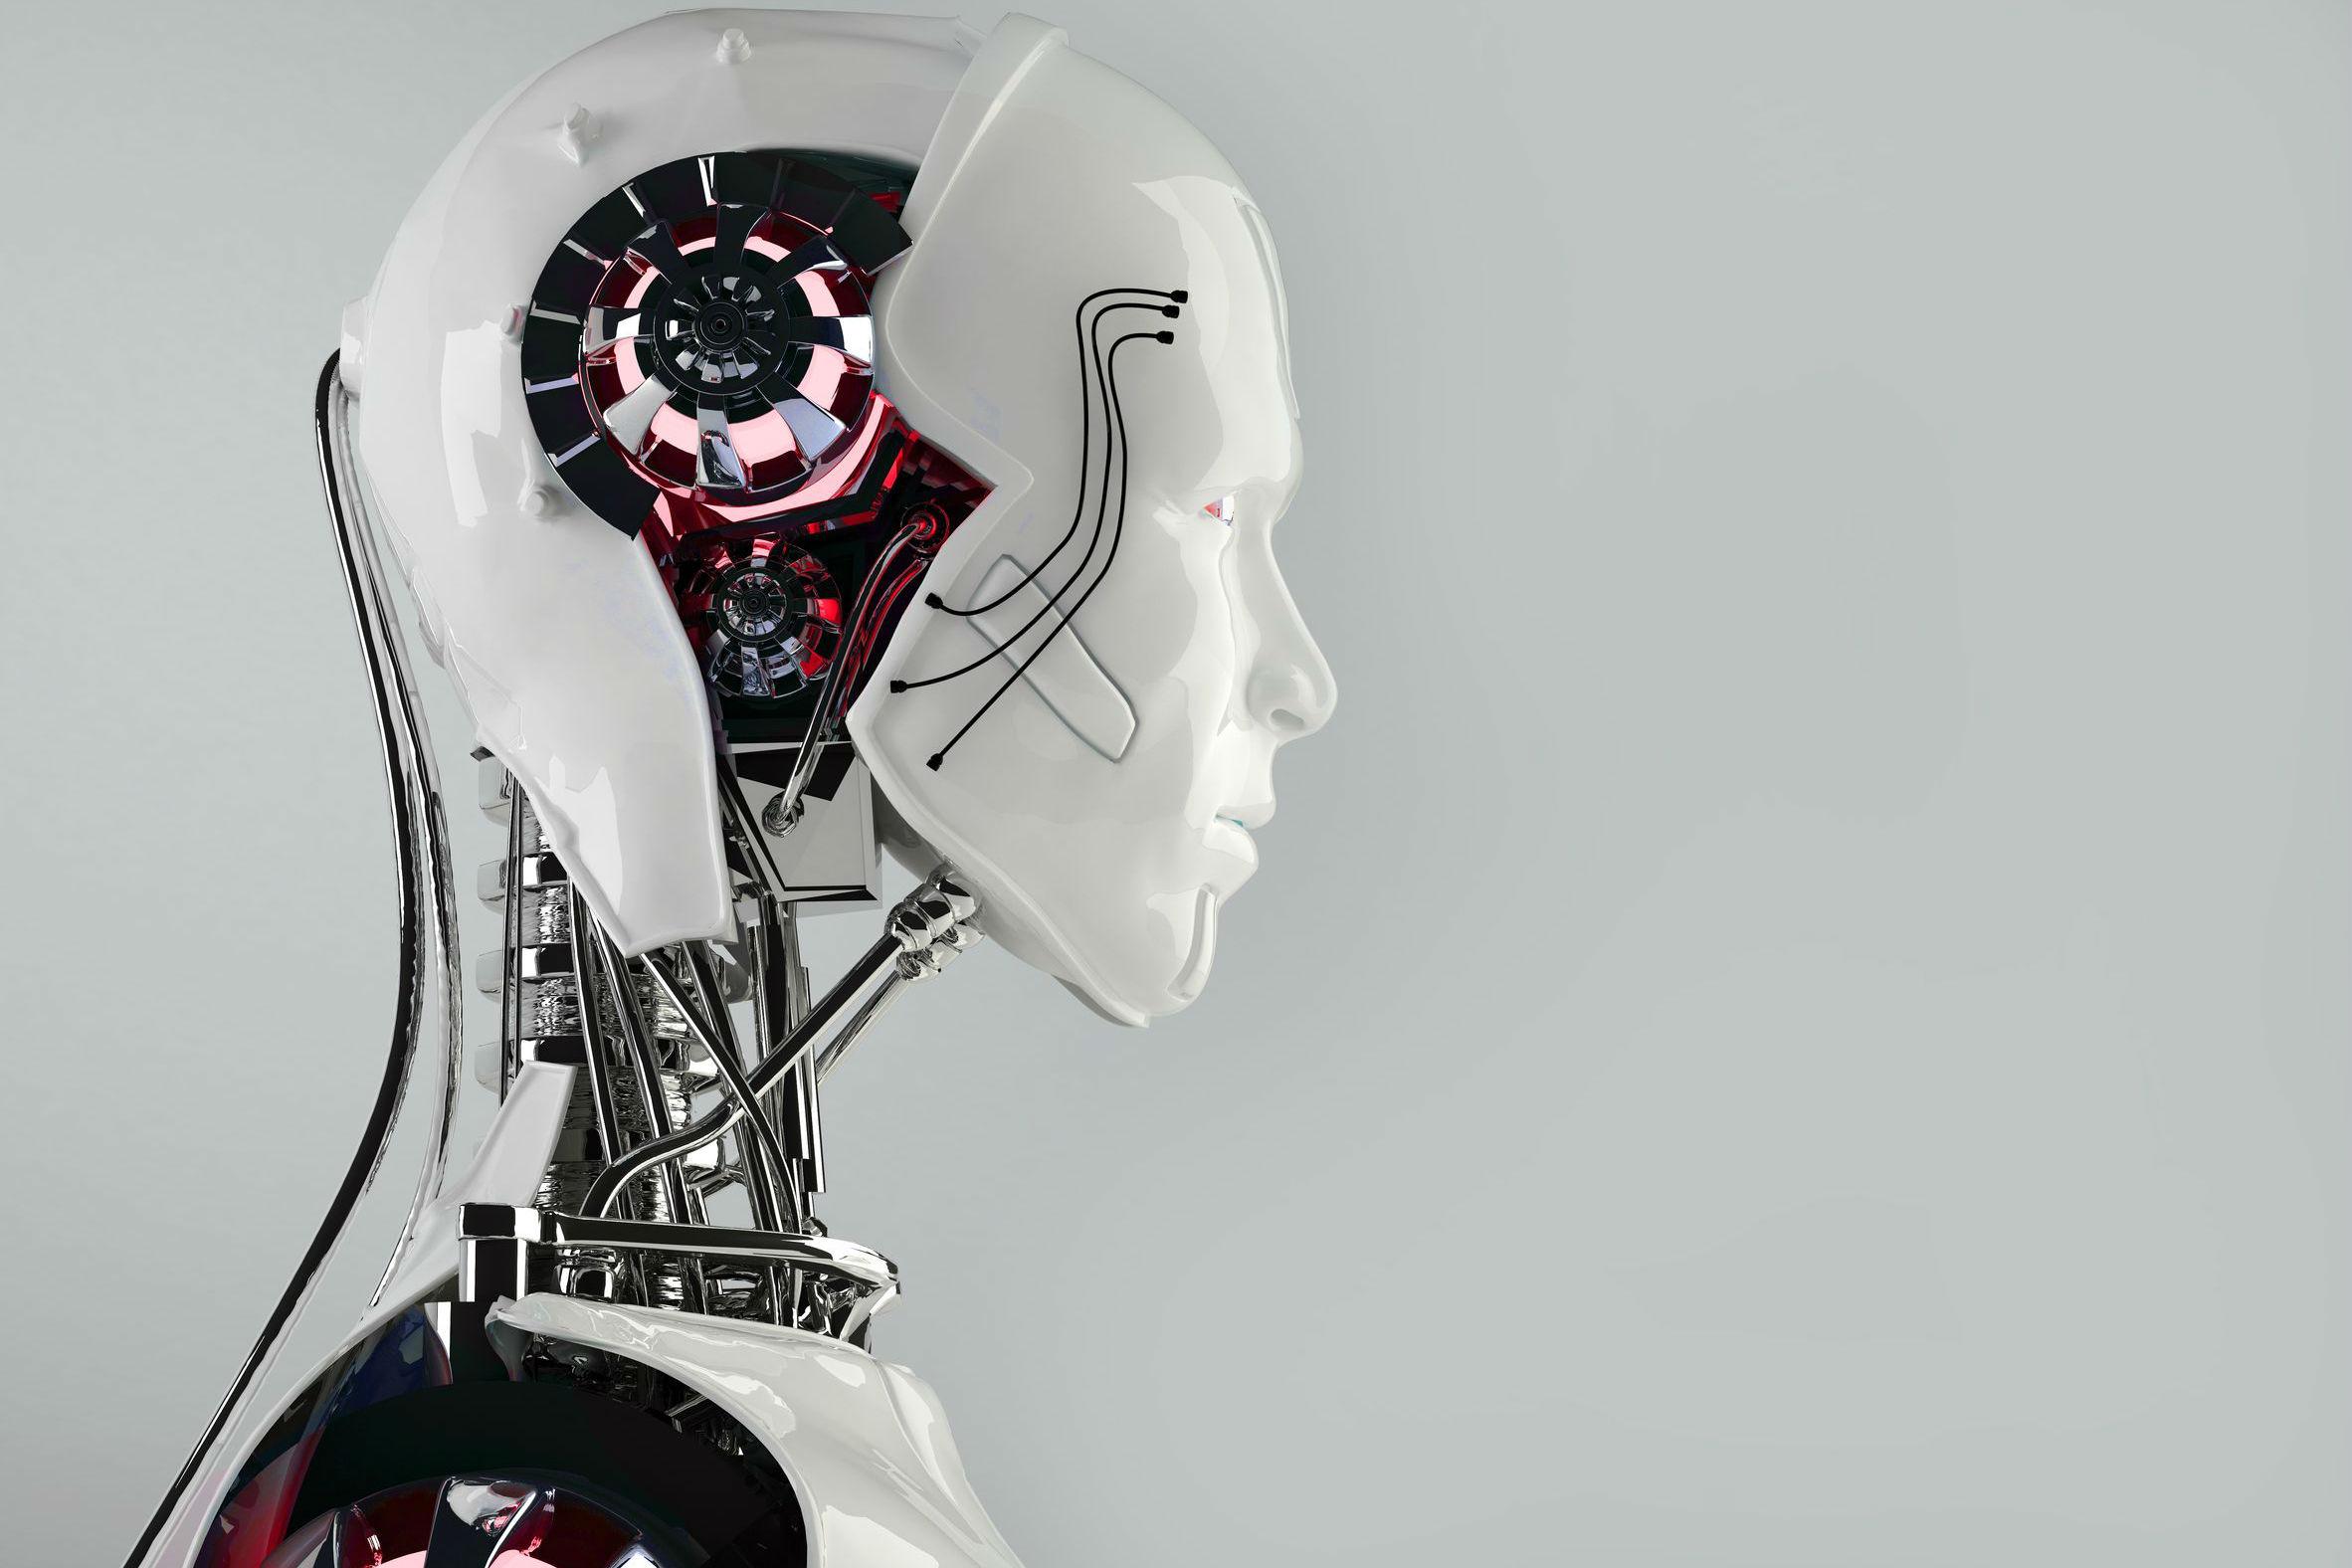 制造出世界上最聪明的人工智能 中国的关键在哪里?